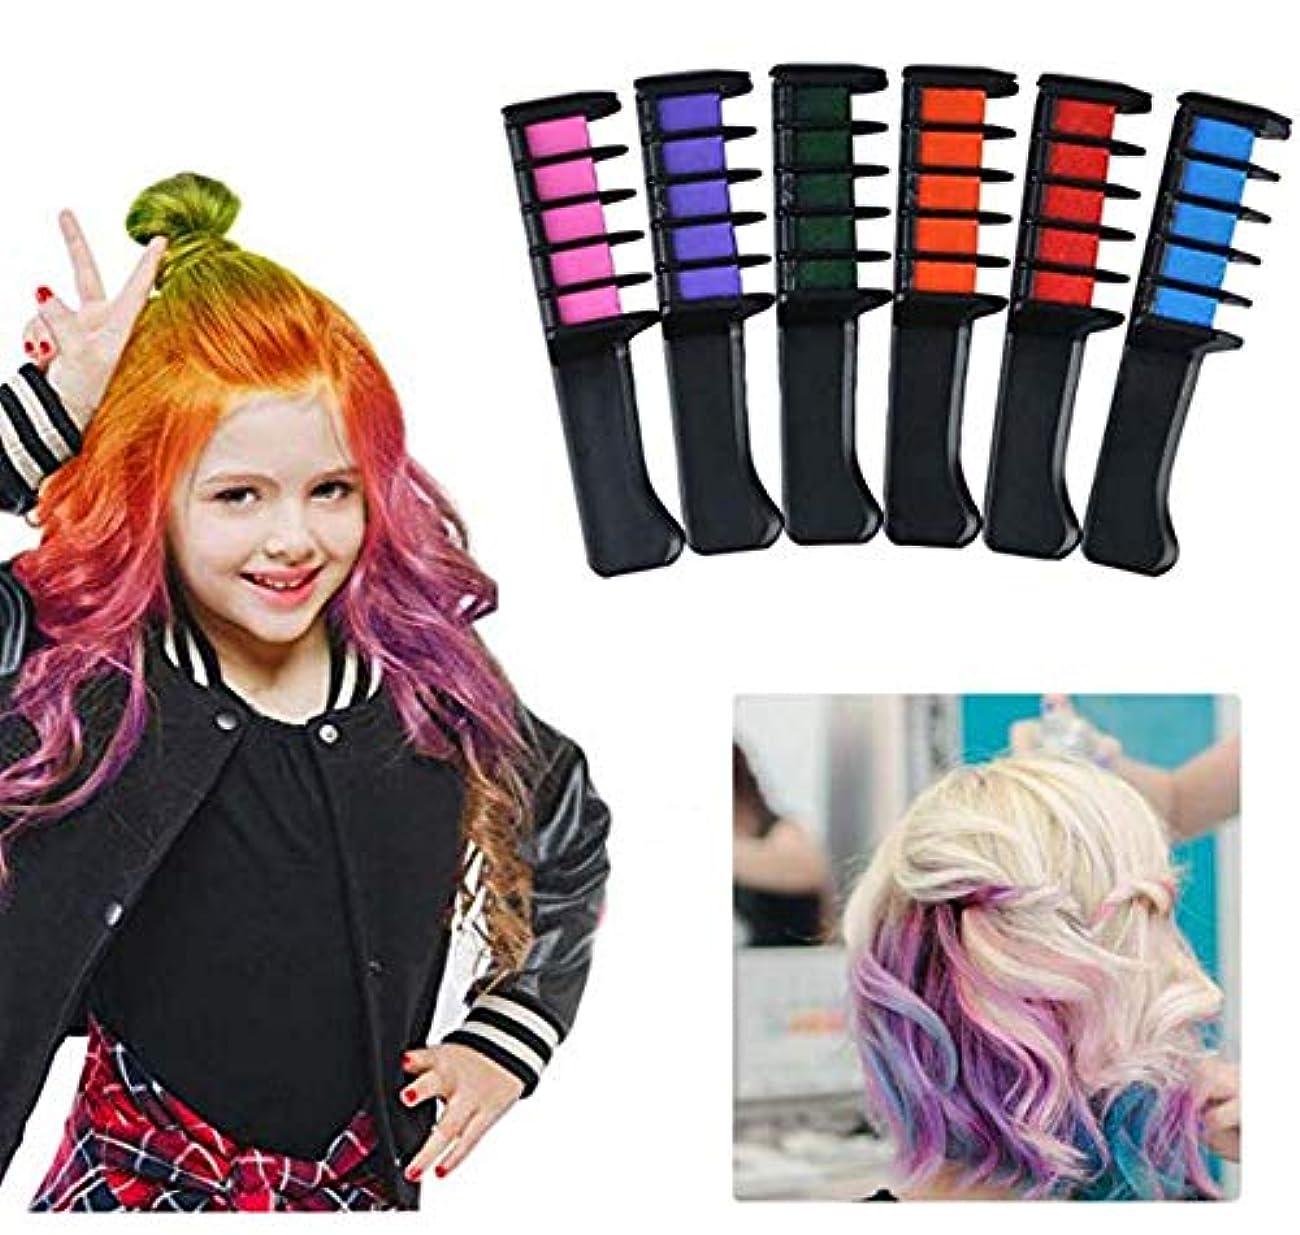 普通に自分の力ですべてをする夜間子供のための安全な非有毒な一時的な髪のチョークの櫛6色髪の色の櫛髪のチョークの櫛、女の子、パーティー、コスプレ